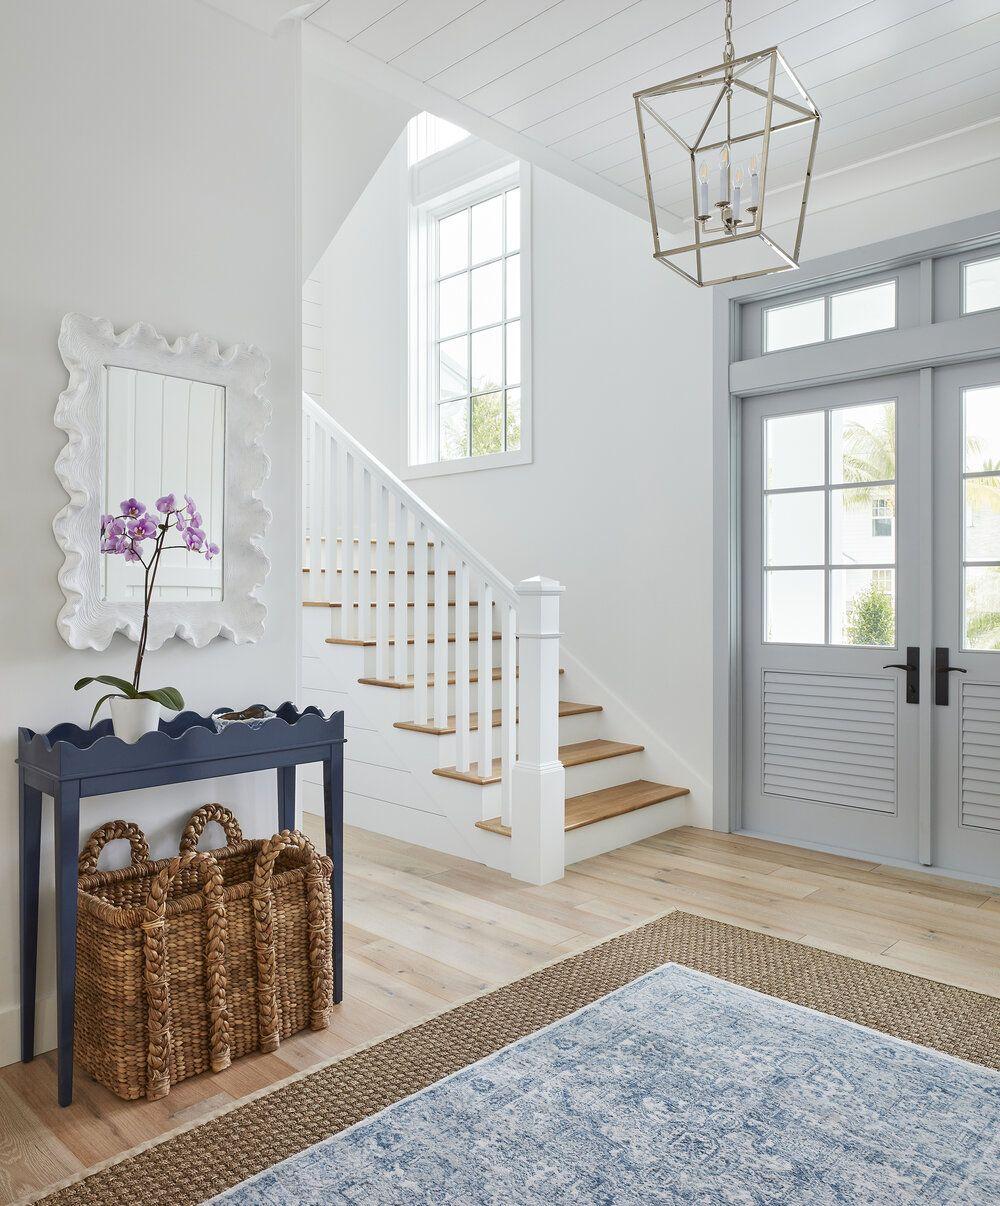 House Tour- A Serene Blue + White Beach House Interior